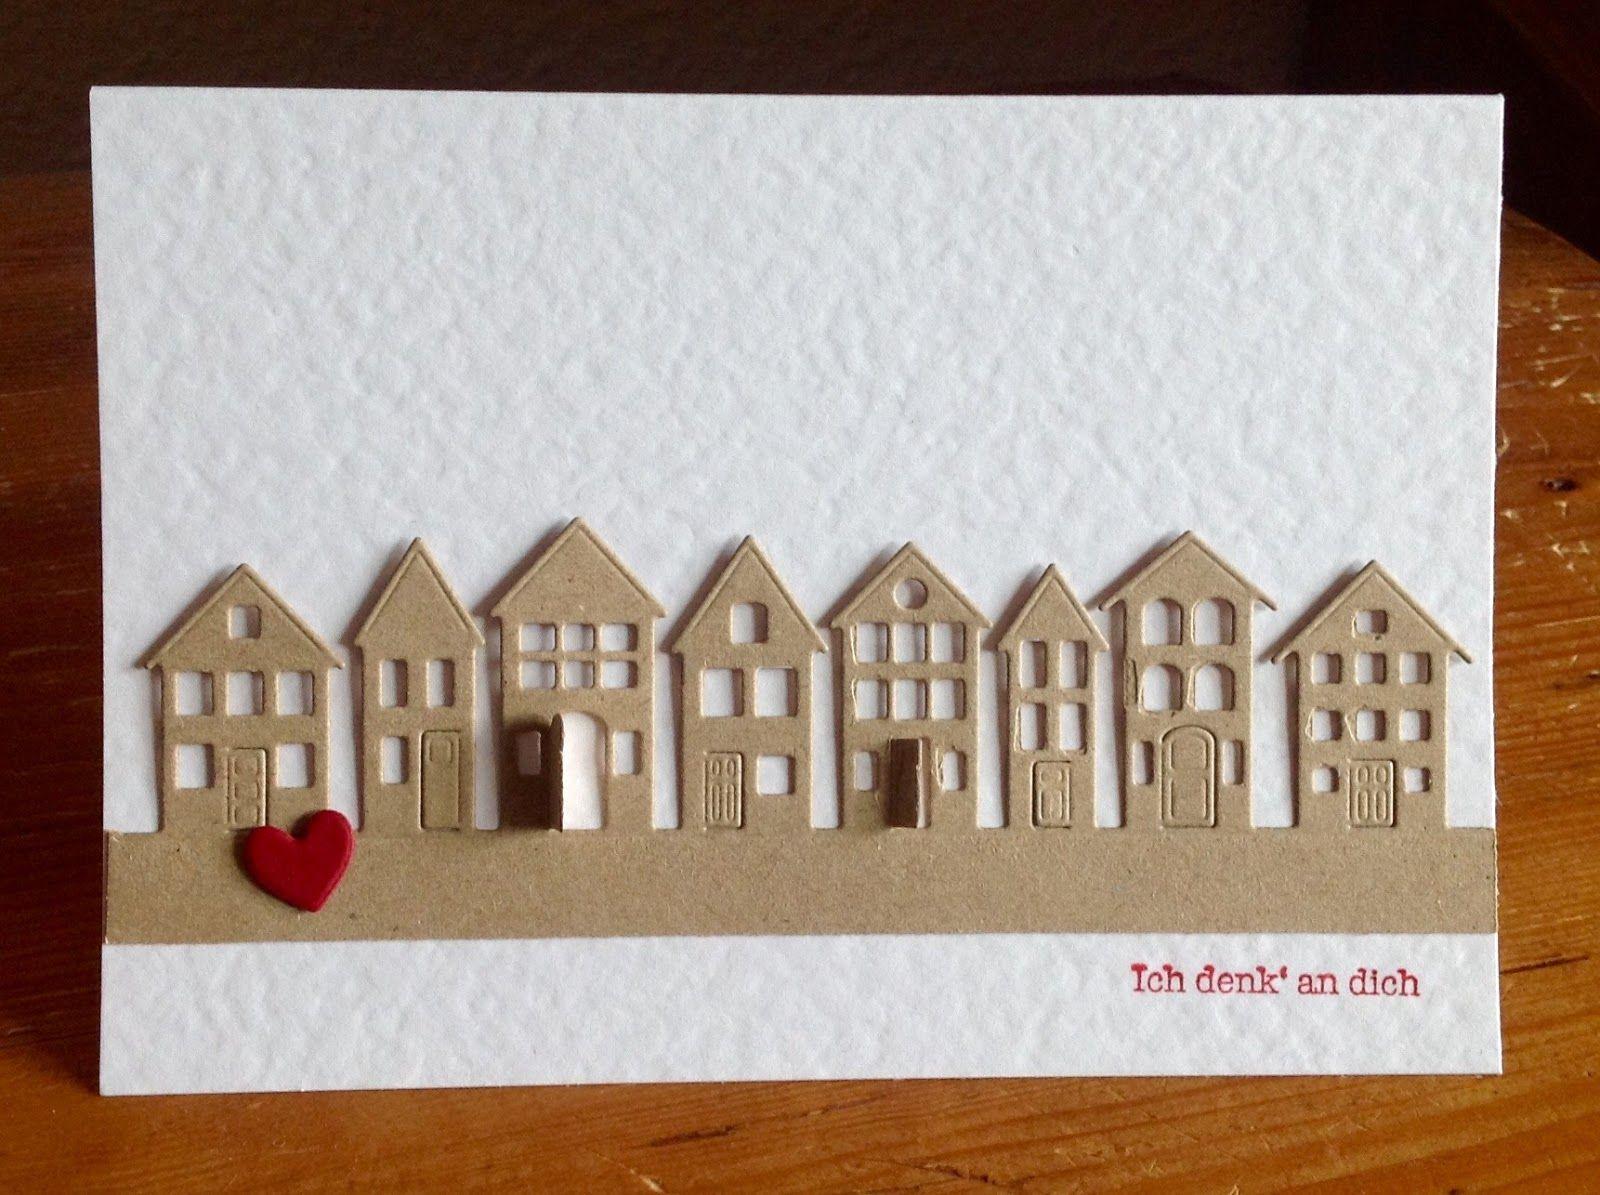 stanze brevilla houses von poppystamps karten pinterest einzug umzug und zum einzug. Black Bedroom Furniture Sets. Home Design Ideas